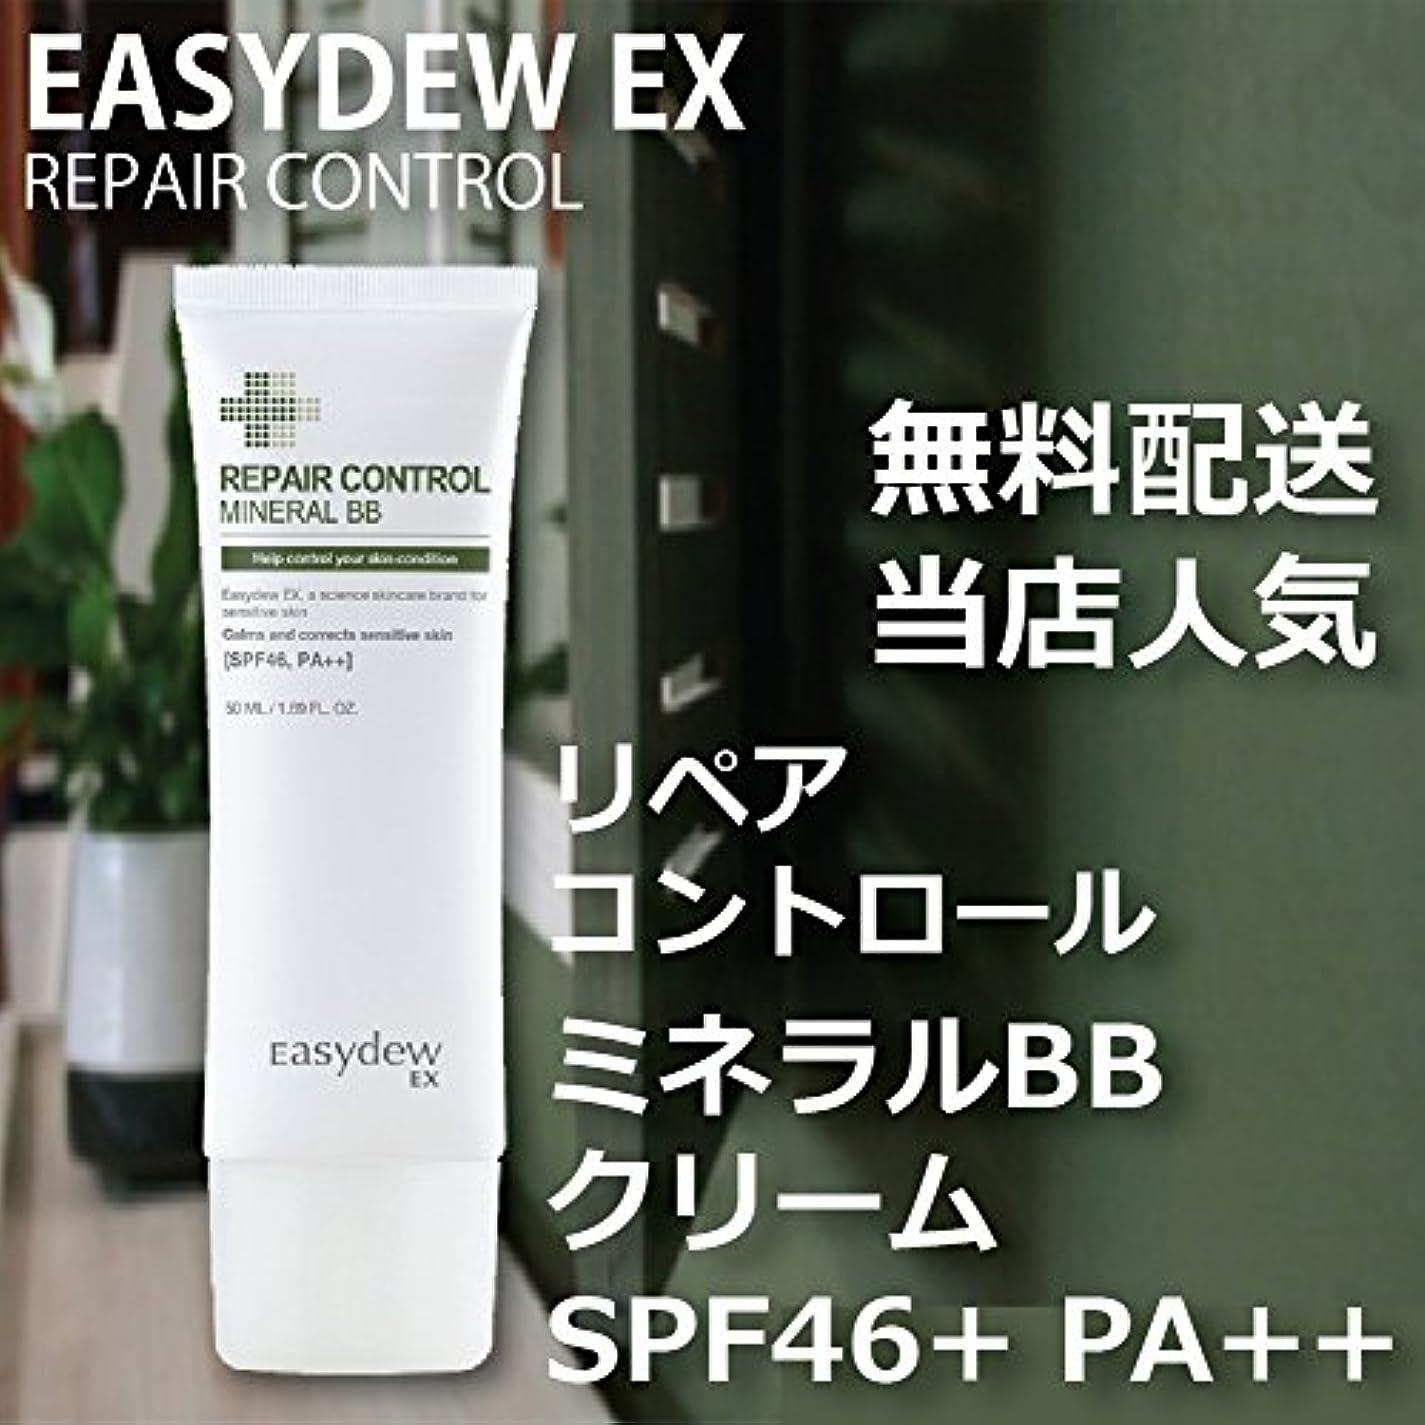 百万提案代わりにを立てるEASY DEW EX ミネラル BBクリーム SPF46+ PA++ 50ml MINRAL BB CREAM 韓国 人気 コスメ イージーデュー 敏感 乾燥 美白 しわ 3重機能性